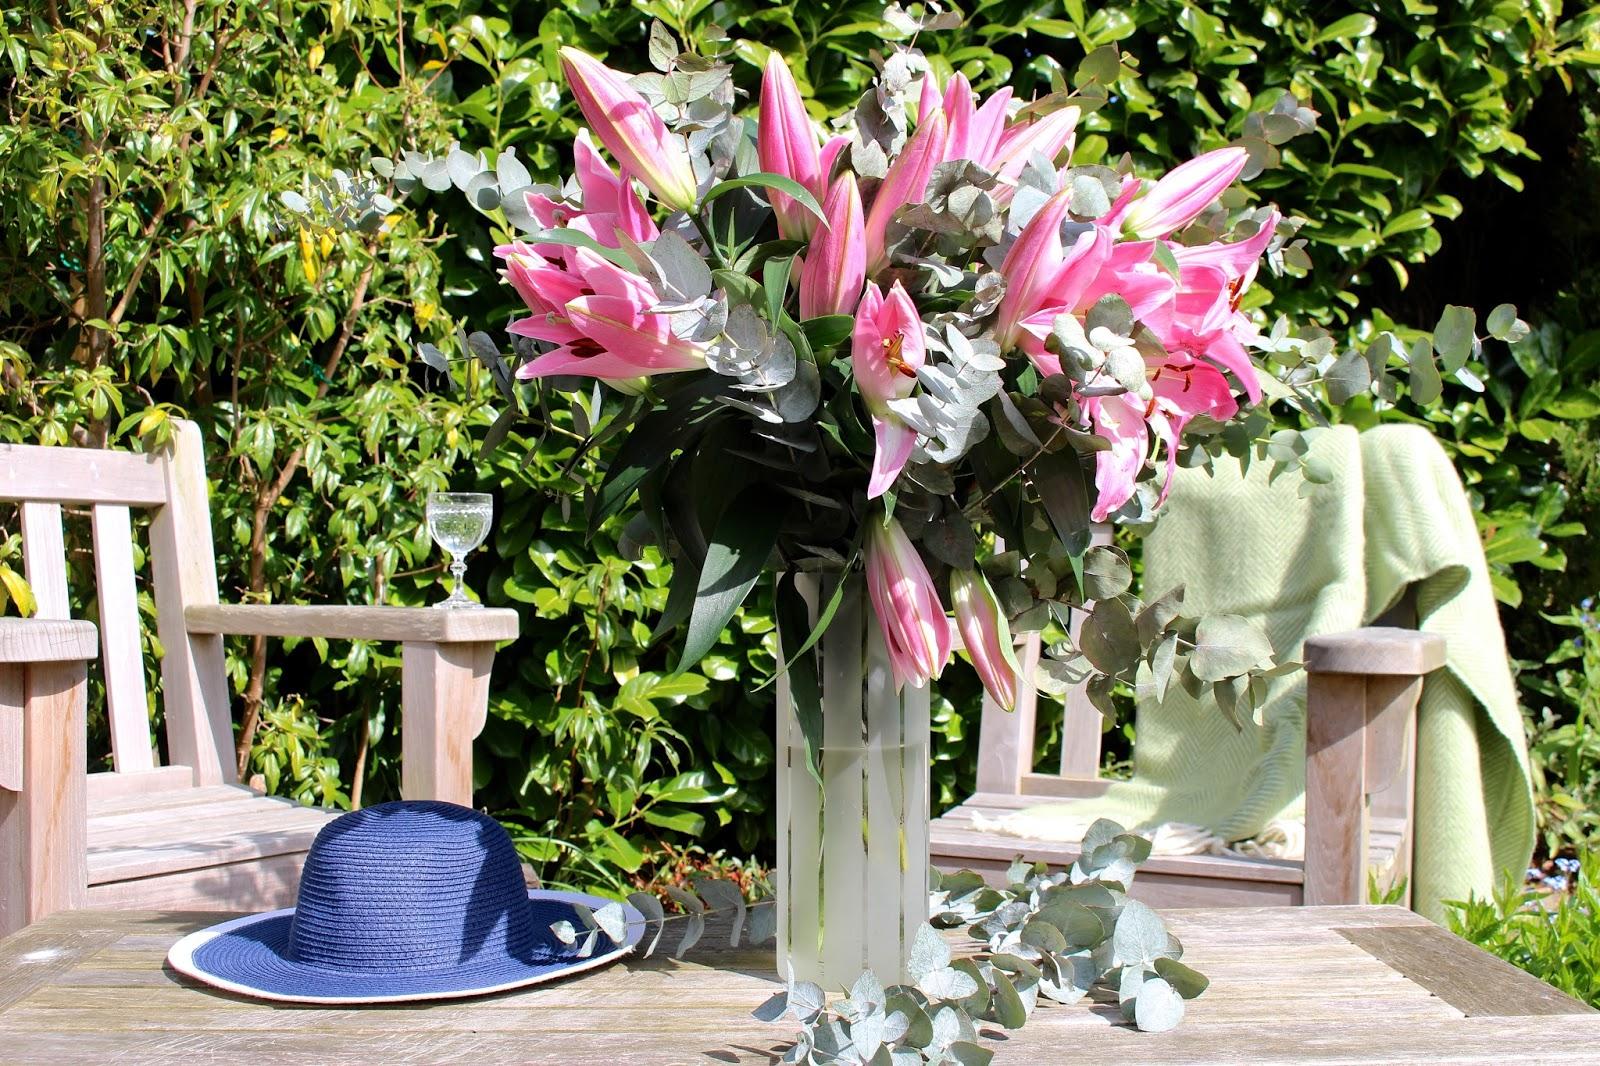 OK Bouquet Lilies Review